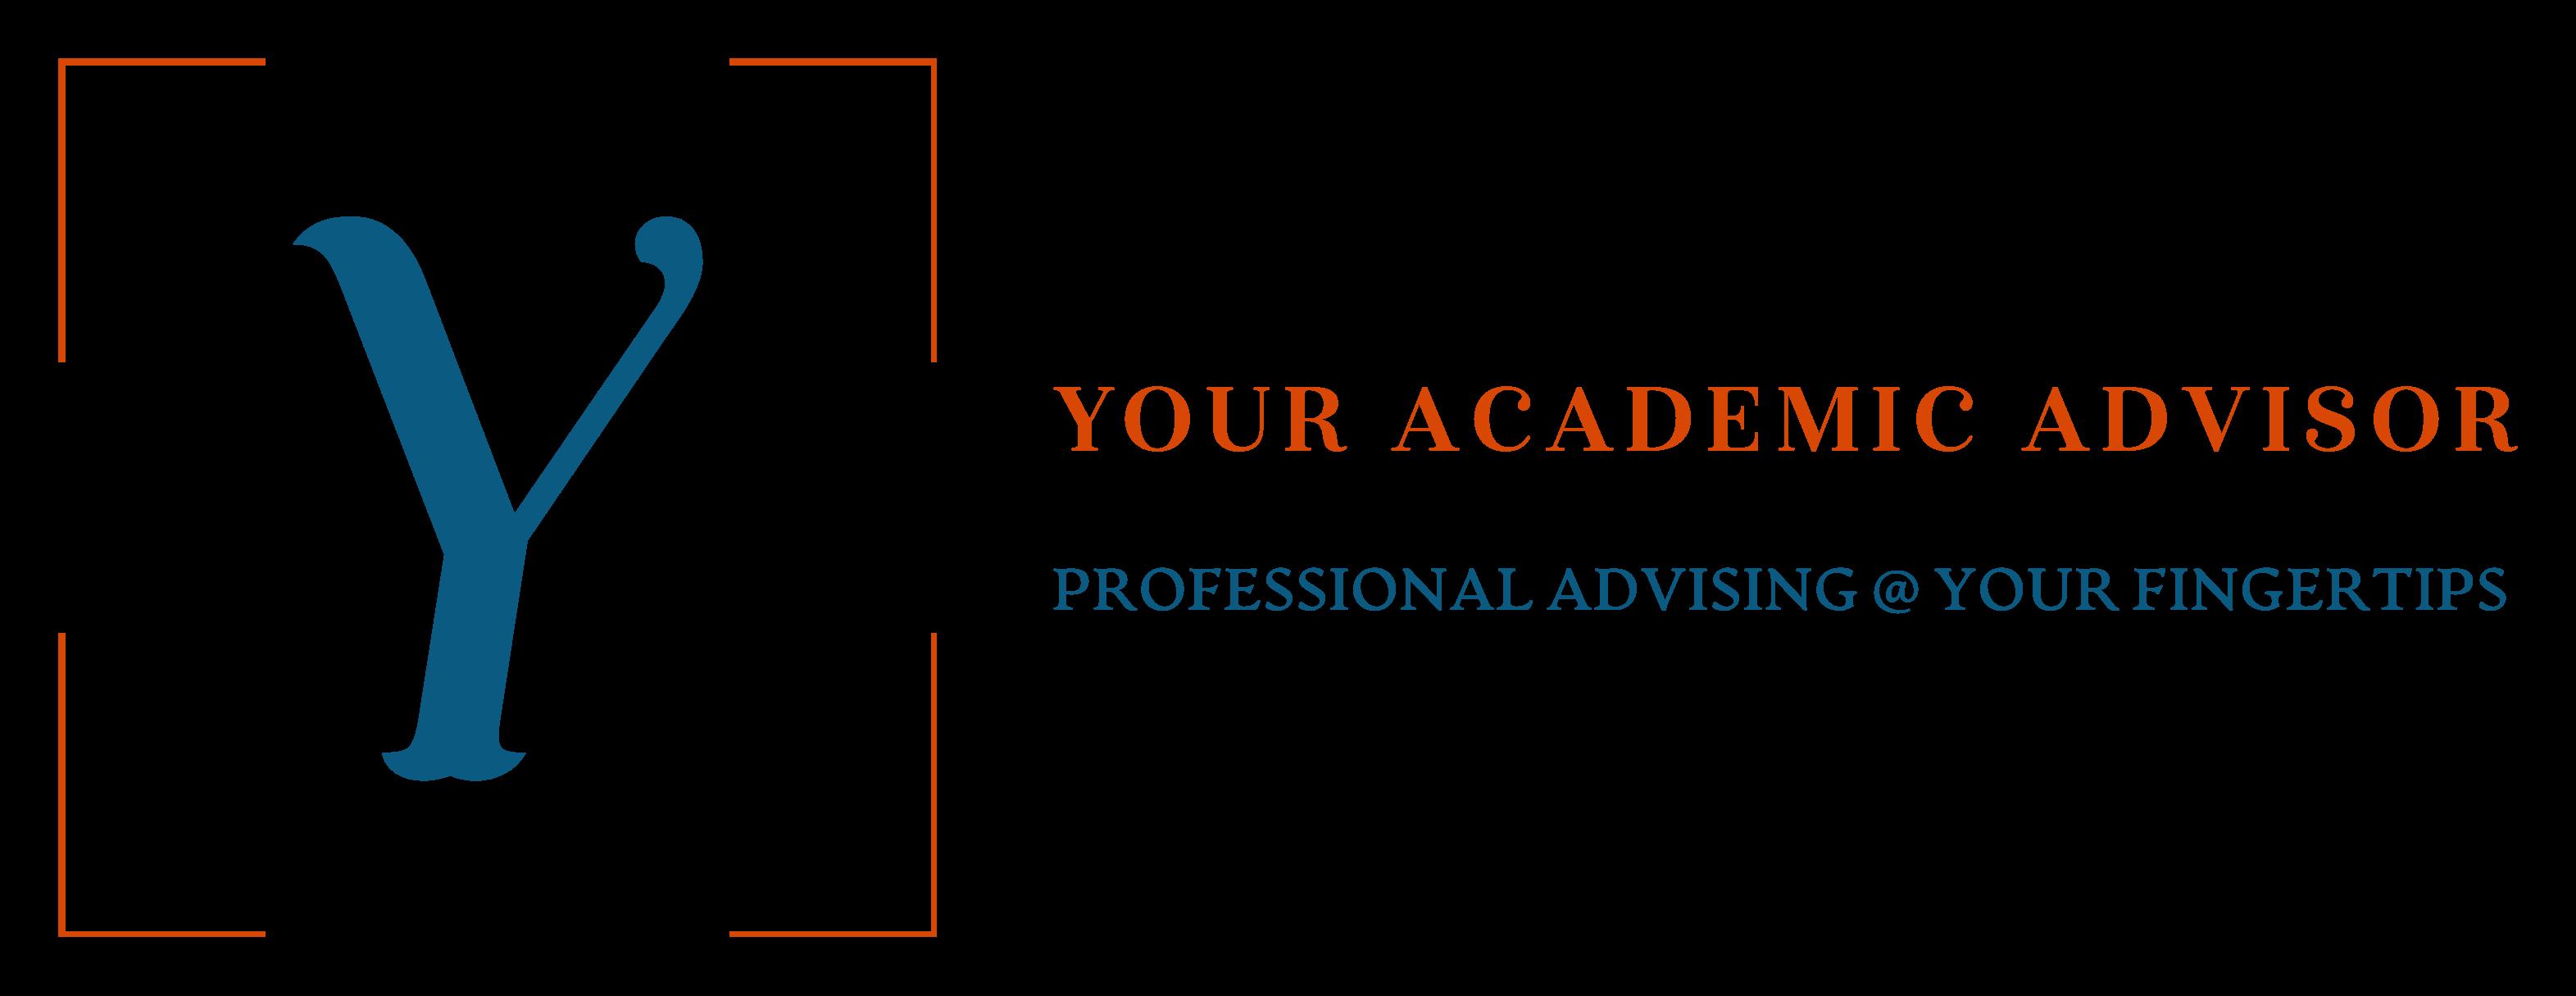 Your Academic Advisor